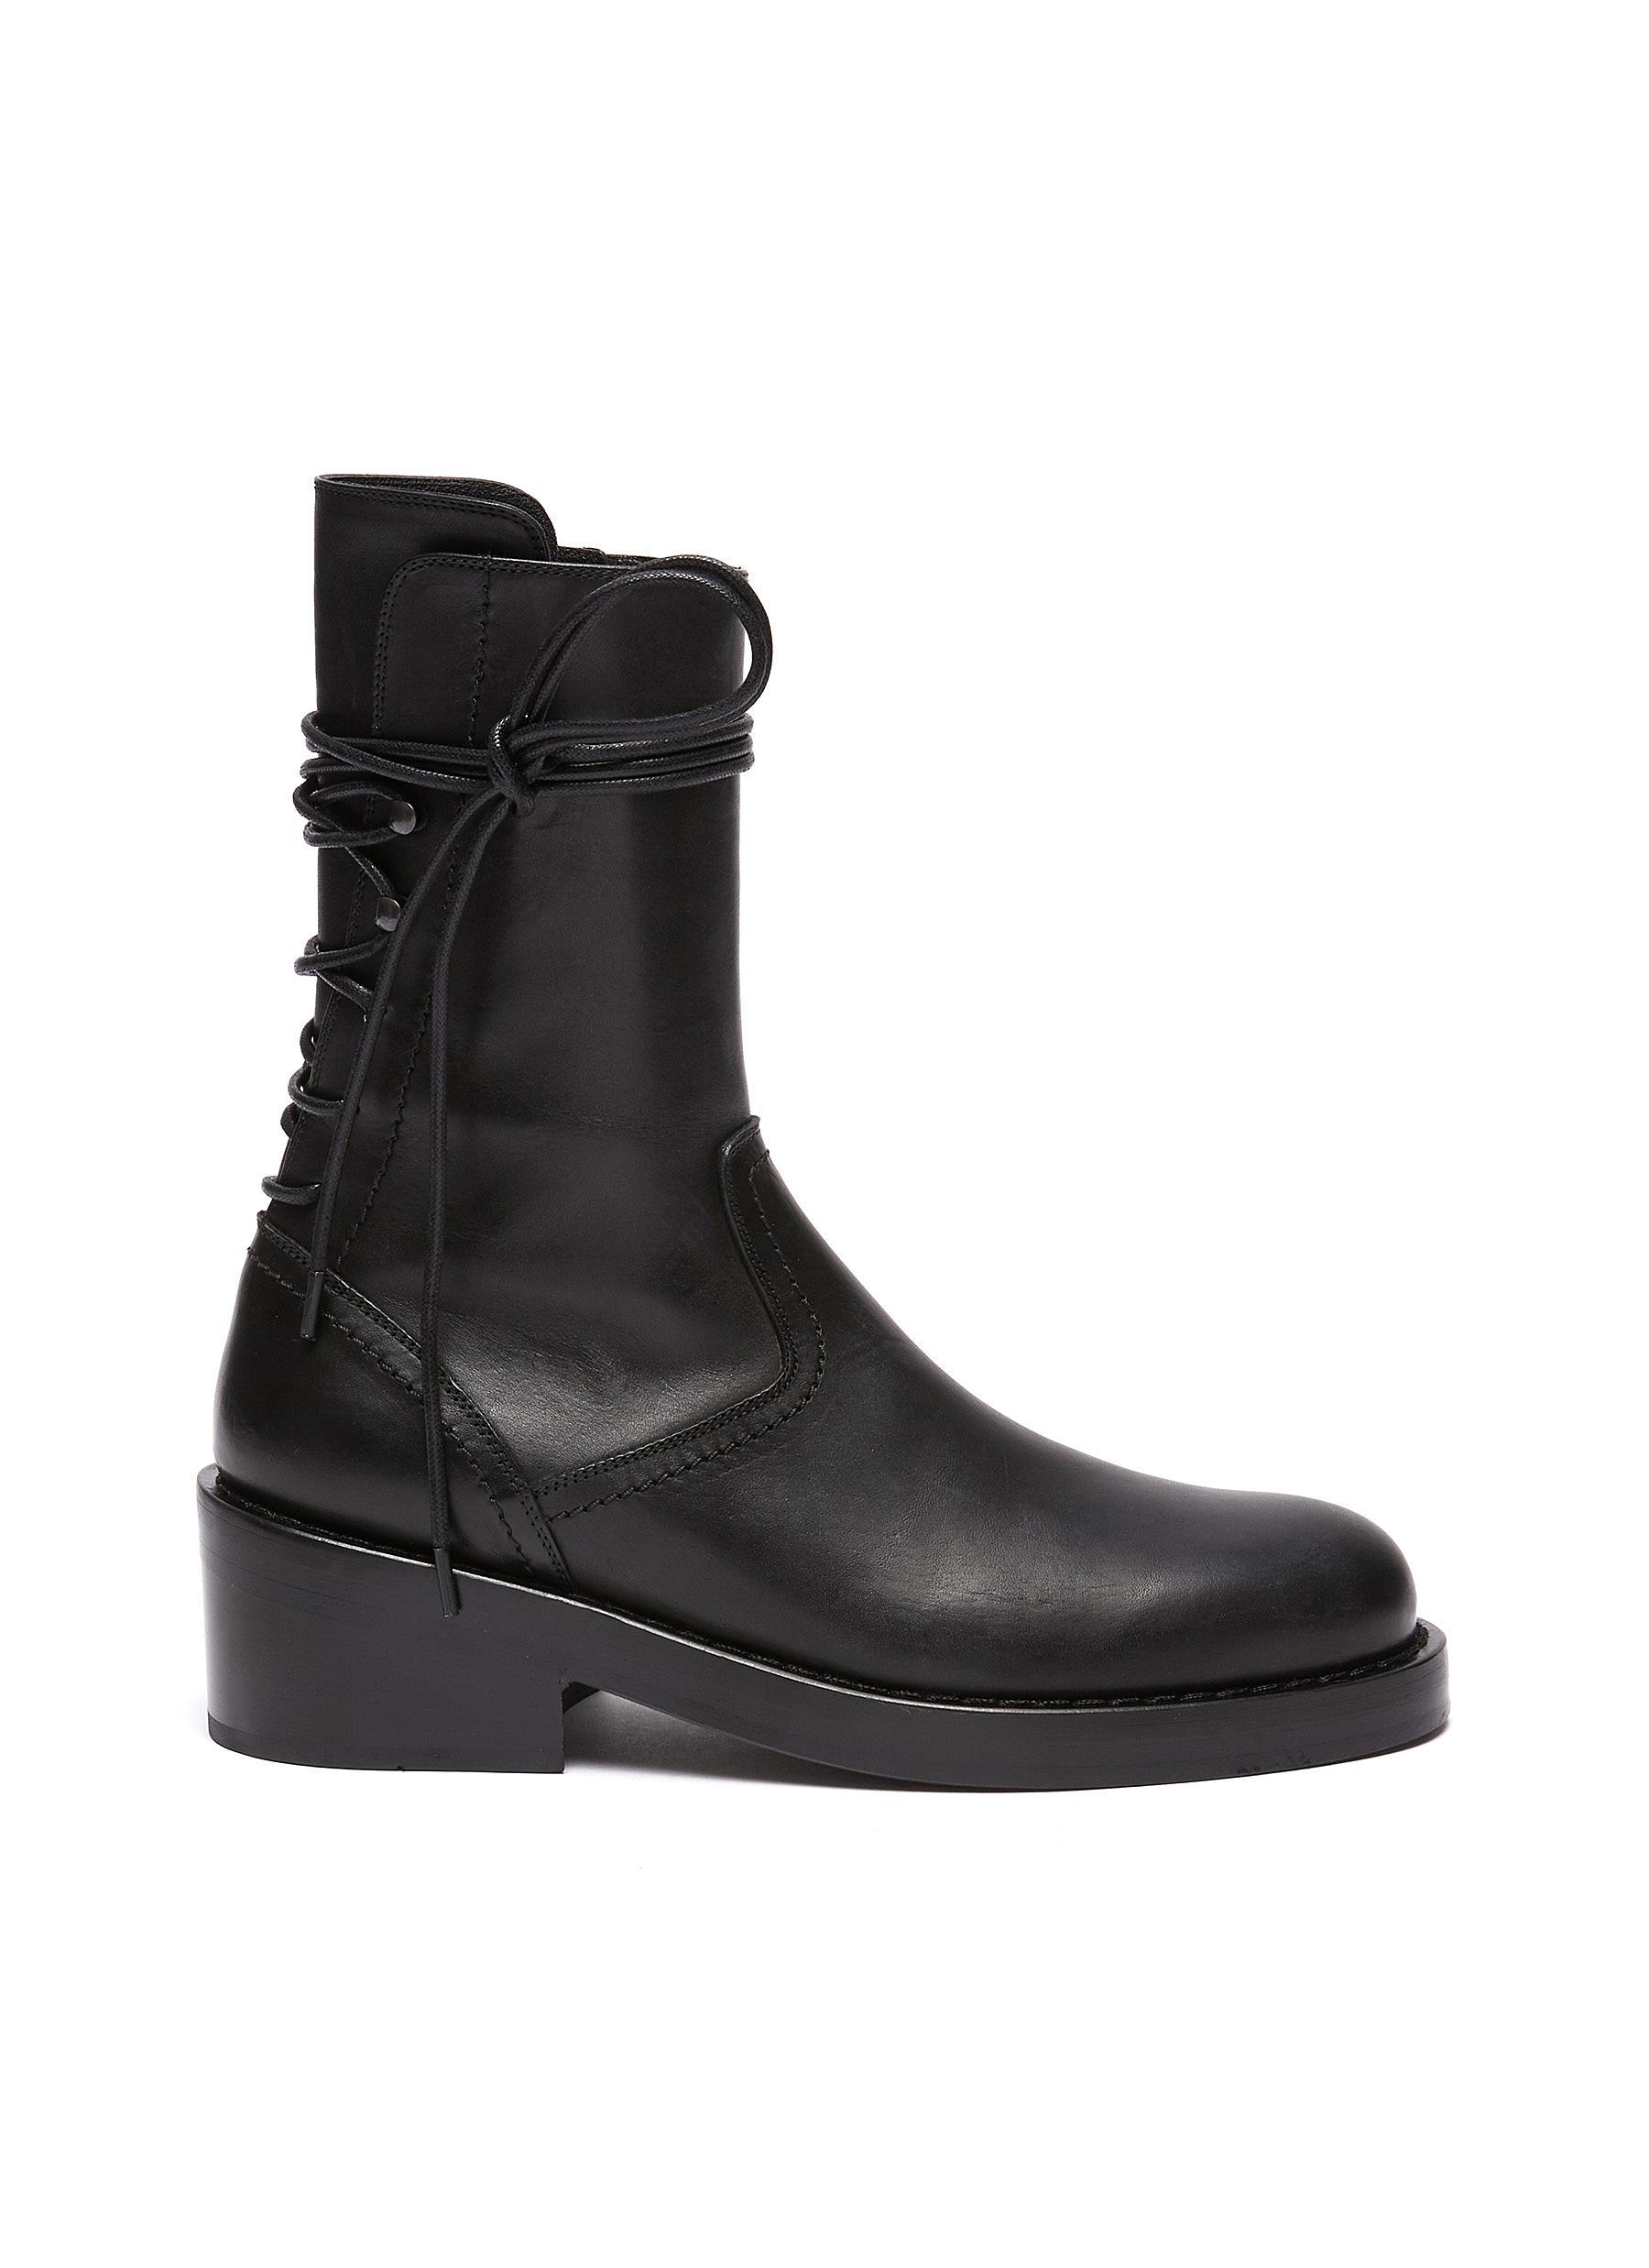 Leather ankle boots - ANN DEMEULEMEESTER - Modalova